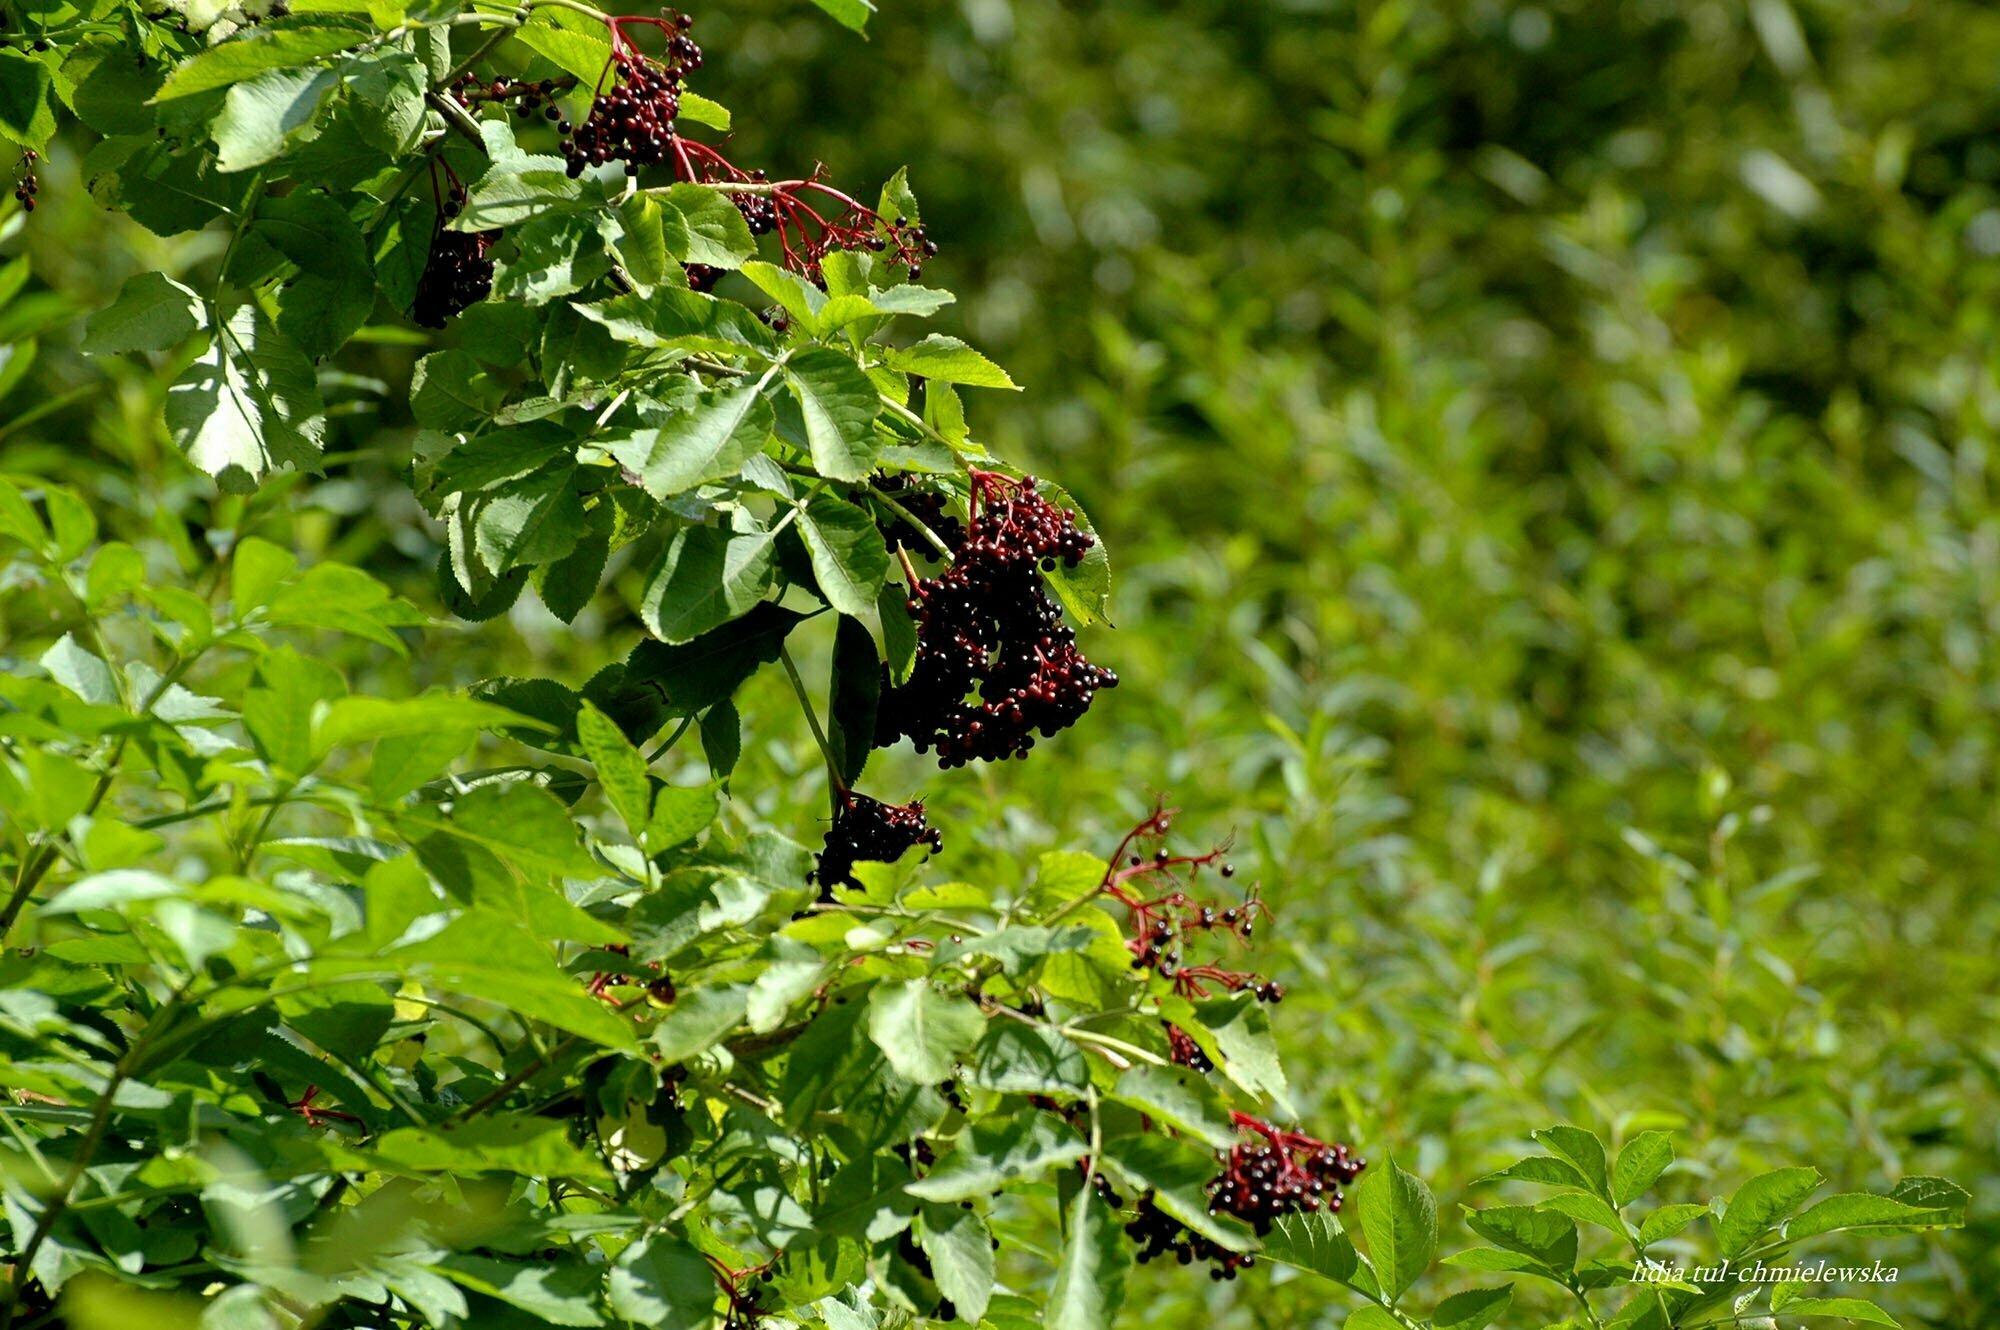 Owoce czarnego bzu / fot. Lidia Tul-Chmielewska